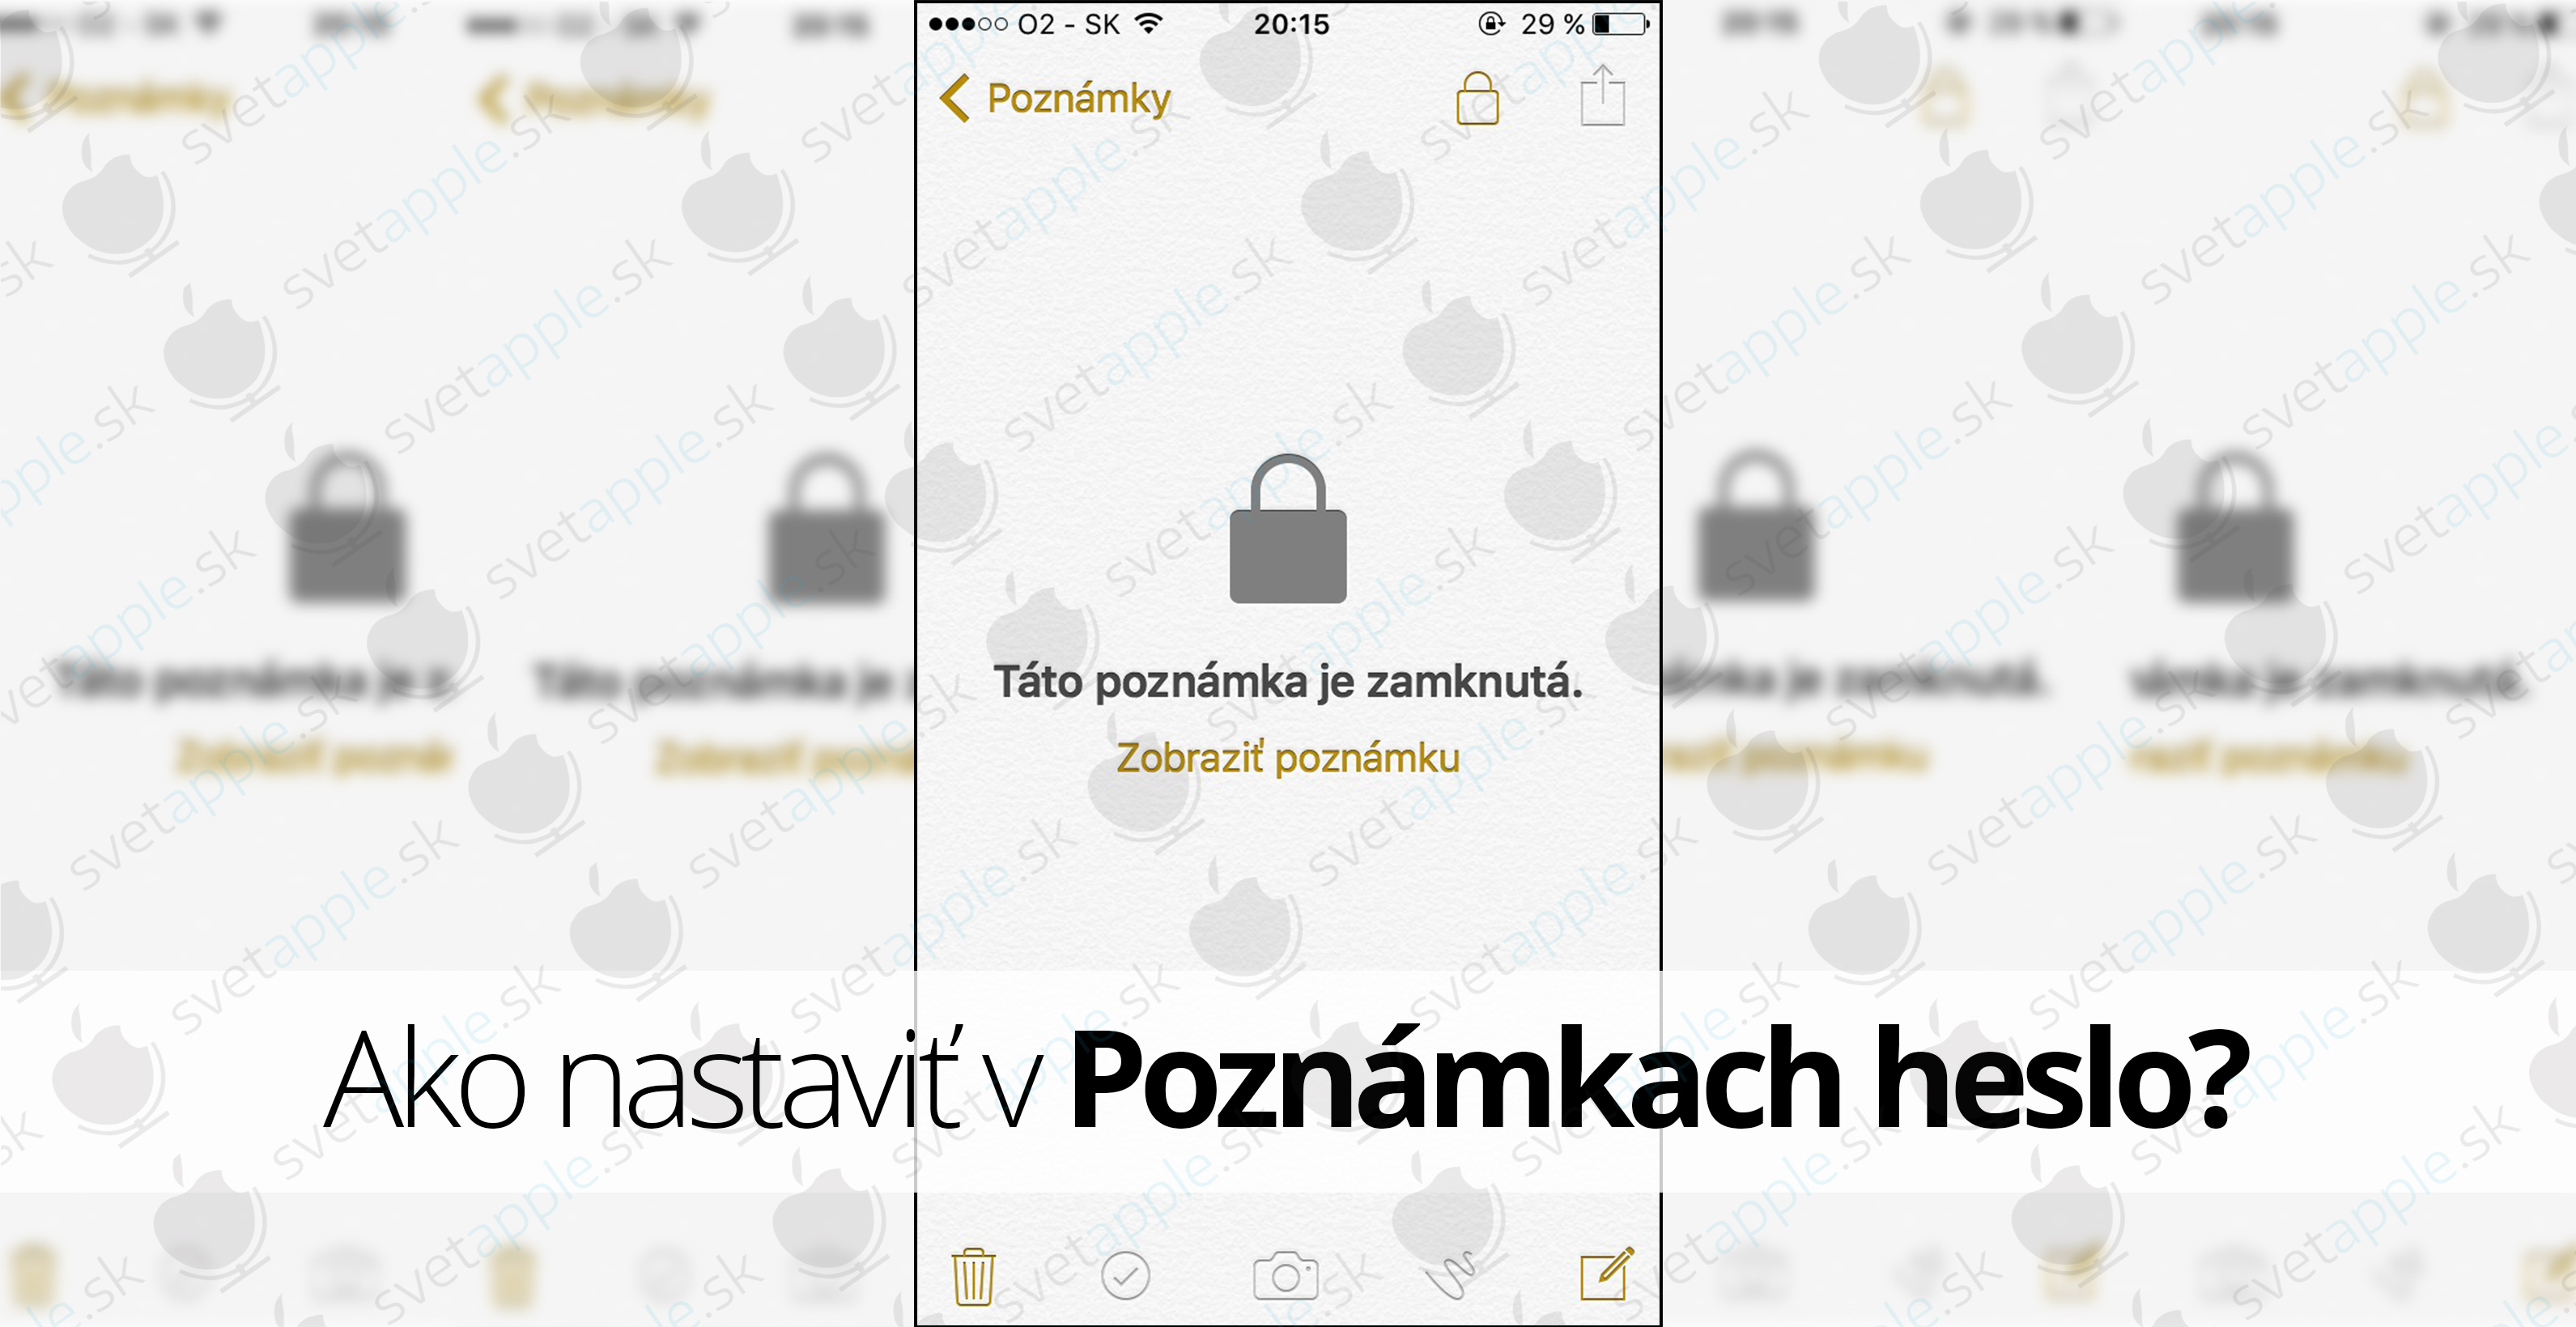 poznamky-heslo---titulná-fotografia---SvetApple